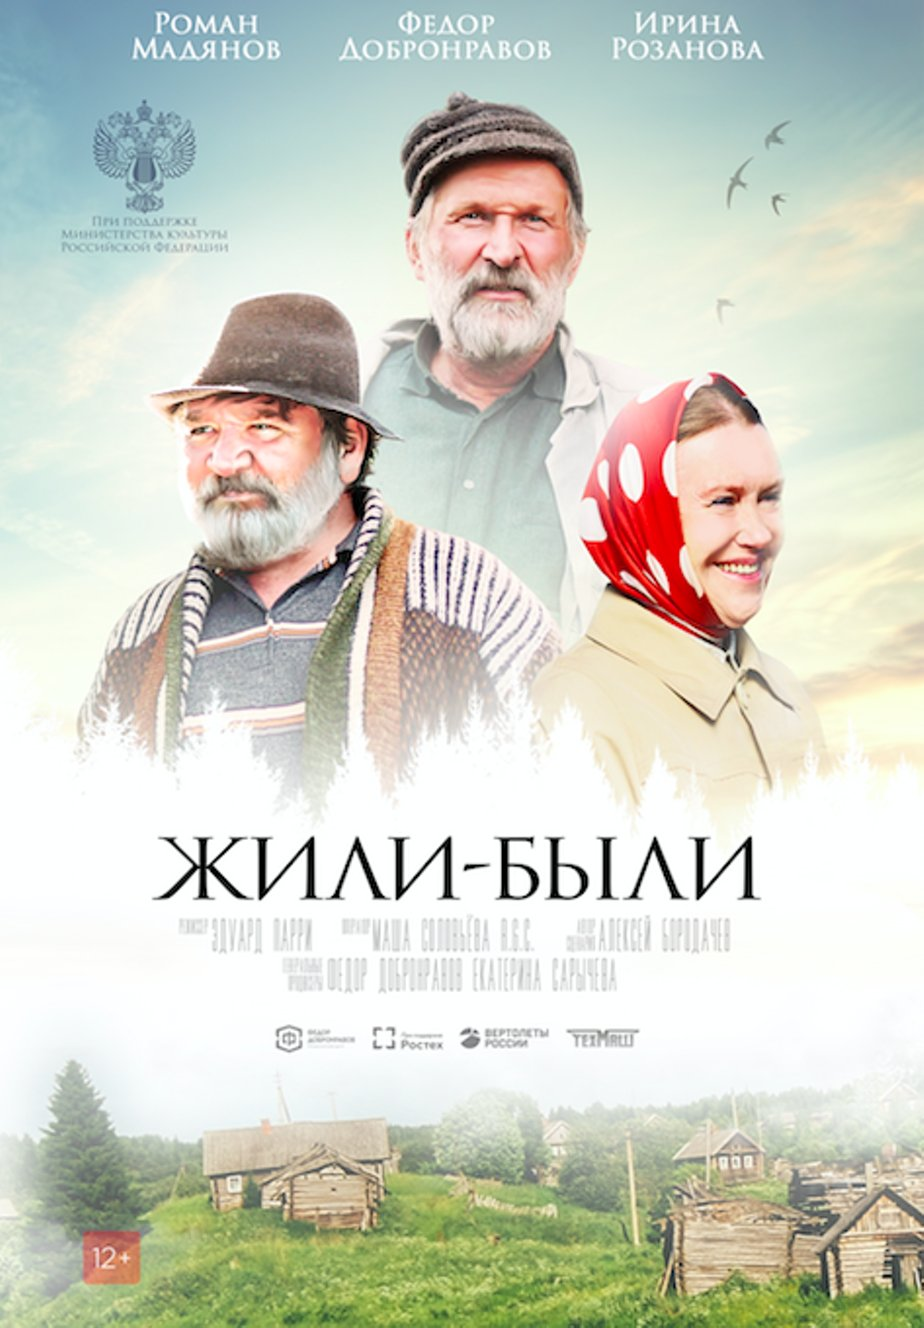 Посмотреть новые советские фильмы 2017 года